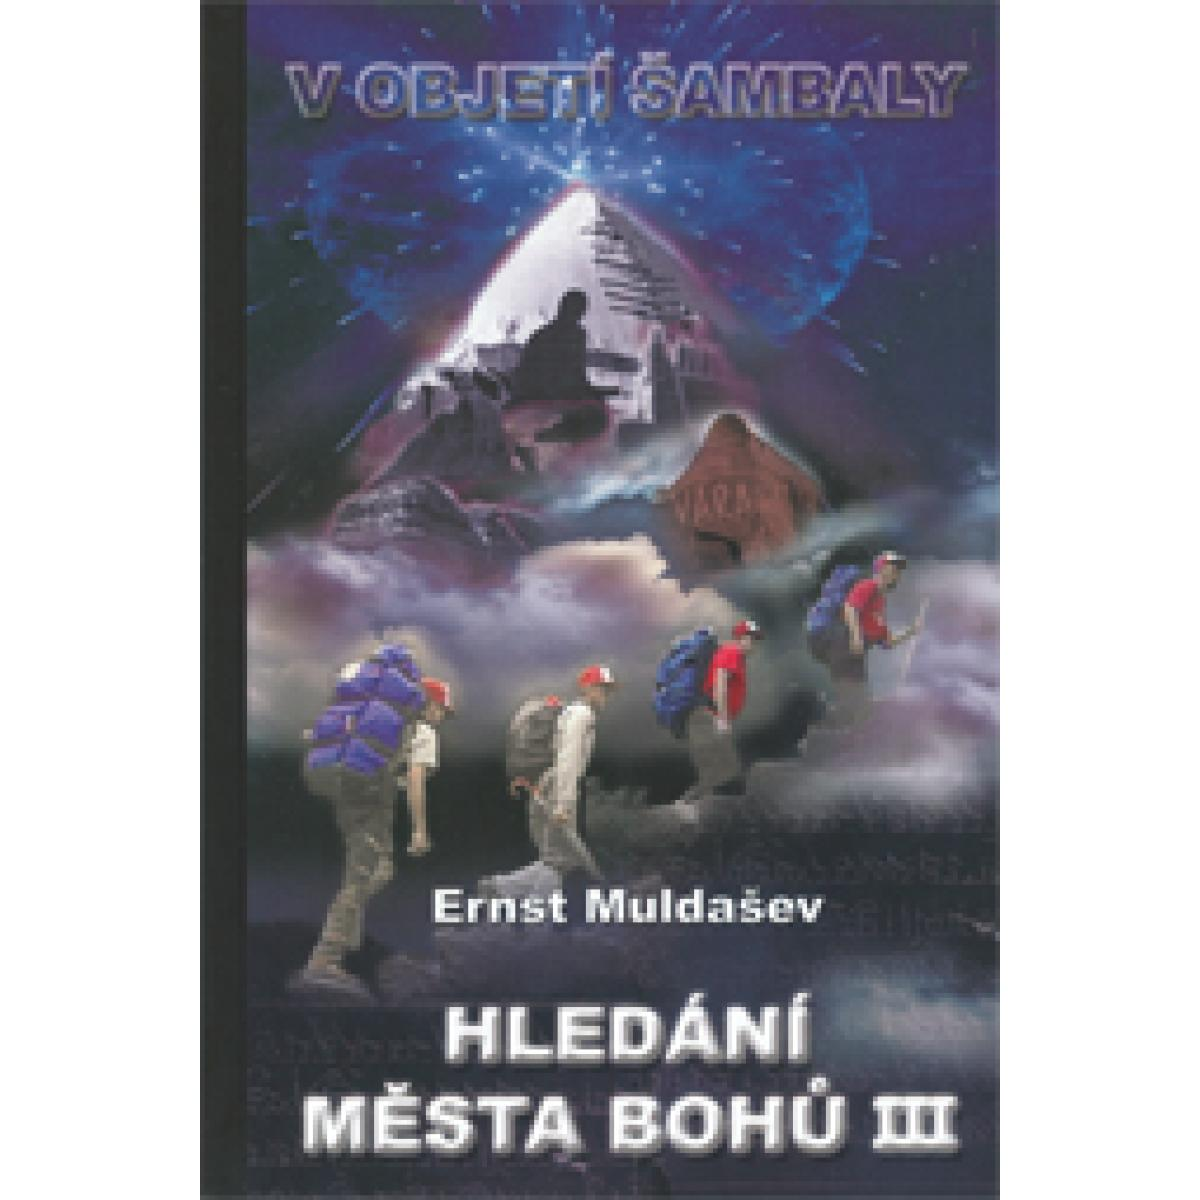 Hledání města Bohů 3 - V objetí Šambaly - Ernst Muldašev